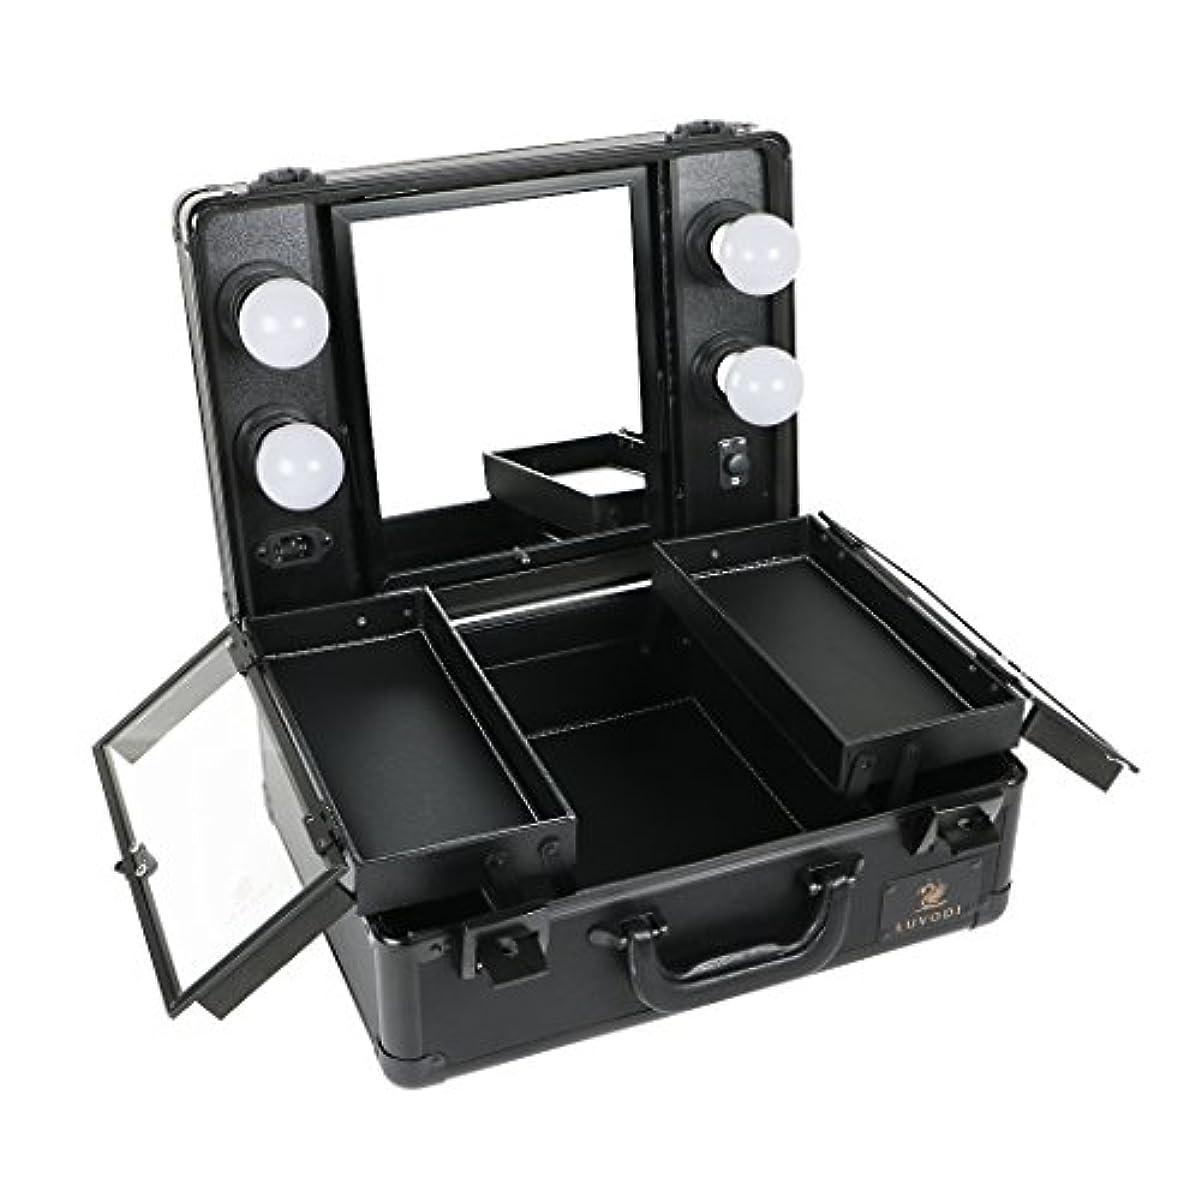 求めるぬれた知的LUVODI メイクボックス プロ用 鏡付き コスメ収納ケース 大容量 ハリウッドミラー LED ライト 電球付き 卓上 ドレッサー 鏡面/明るさ調整可能 鍵付き 持ち運び おしゃれ 35*54*23cm(黒)